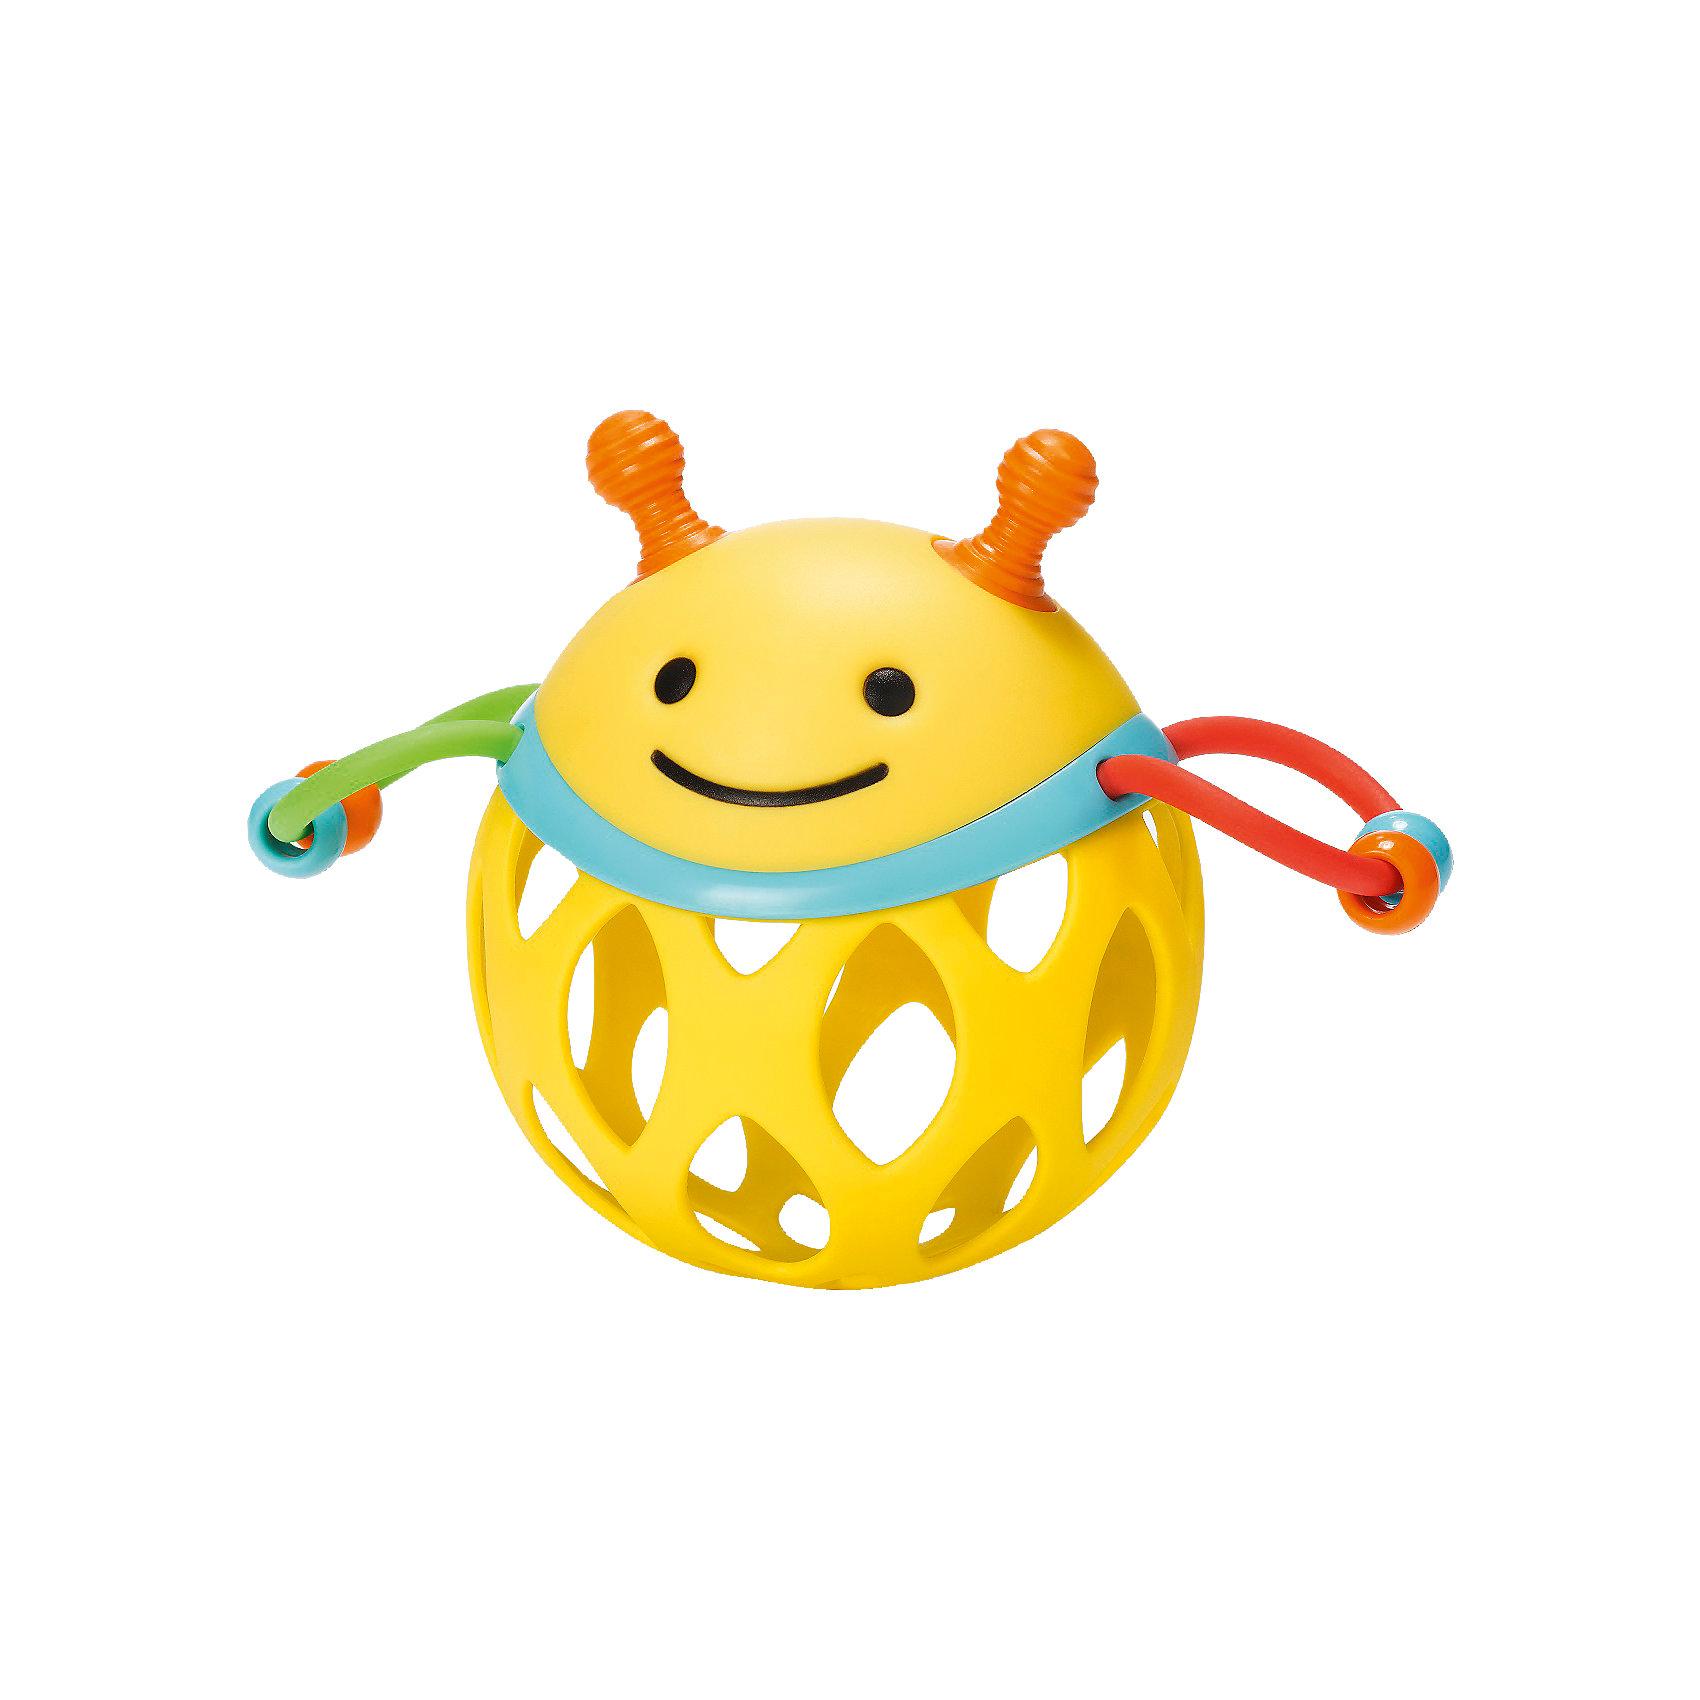 Игрушка-погремушка Шар-пчела, Skip HopПогремушки<br>Характеристики товара:<br><br>• возраст от 3 месяцев;<br>• материал: пластик;<br>• размер упаковки 17х15х8 см;<br>• вес упаковки 135 гр.;<br>• страна производитель: Китай.<br><br>Игрушка-погремушка «Шар-пчела» Skip Hop — развивающая игрушка для малышей от 3 месяцев, которую малыш может трясти, катать, трогать ручками. По бокам крылышки пчелки, сделанные из ниточки с нанизанными бусинами, которые свободно перемещаются. На корпусе имеются прорезиненные детали для прорезывания зубов. Игрушка изготовлена из качественного безвредного пластика. Игрушка способствует развитию хватательного рефлекса, мелкой моторики рук, тактильных ощущений.<br><br>Игрушку-погремушку «Шар-пчела» Skip Hop можно приобрести в нашем интернет-магазине.<br><br>Ширина мм: 174<br>Глубина мм: 167<br>Высота мм: 86<br>Вес г: 121<br>Цвет: mehrfarbig<br>Возраст от месяцев: 1<br>Возраст до месяцев: 36<br>Пол: Унисекс<br>Возраст: Детский<br>SKU: 4021566